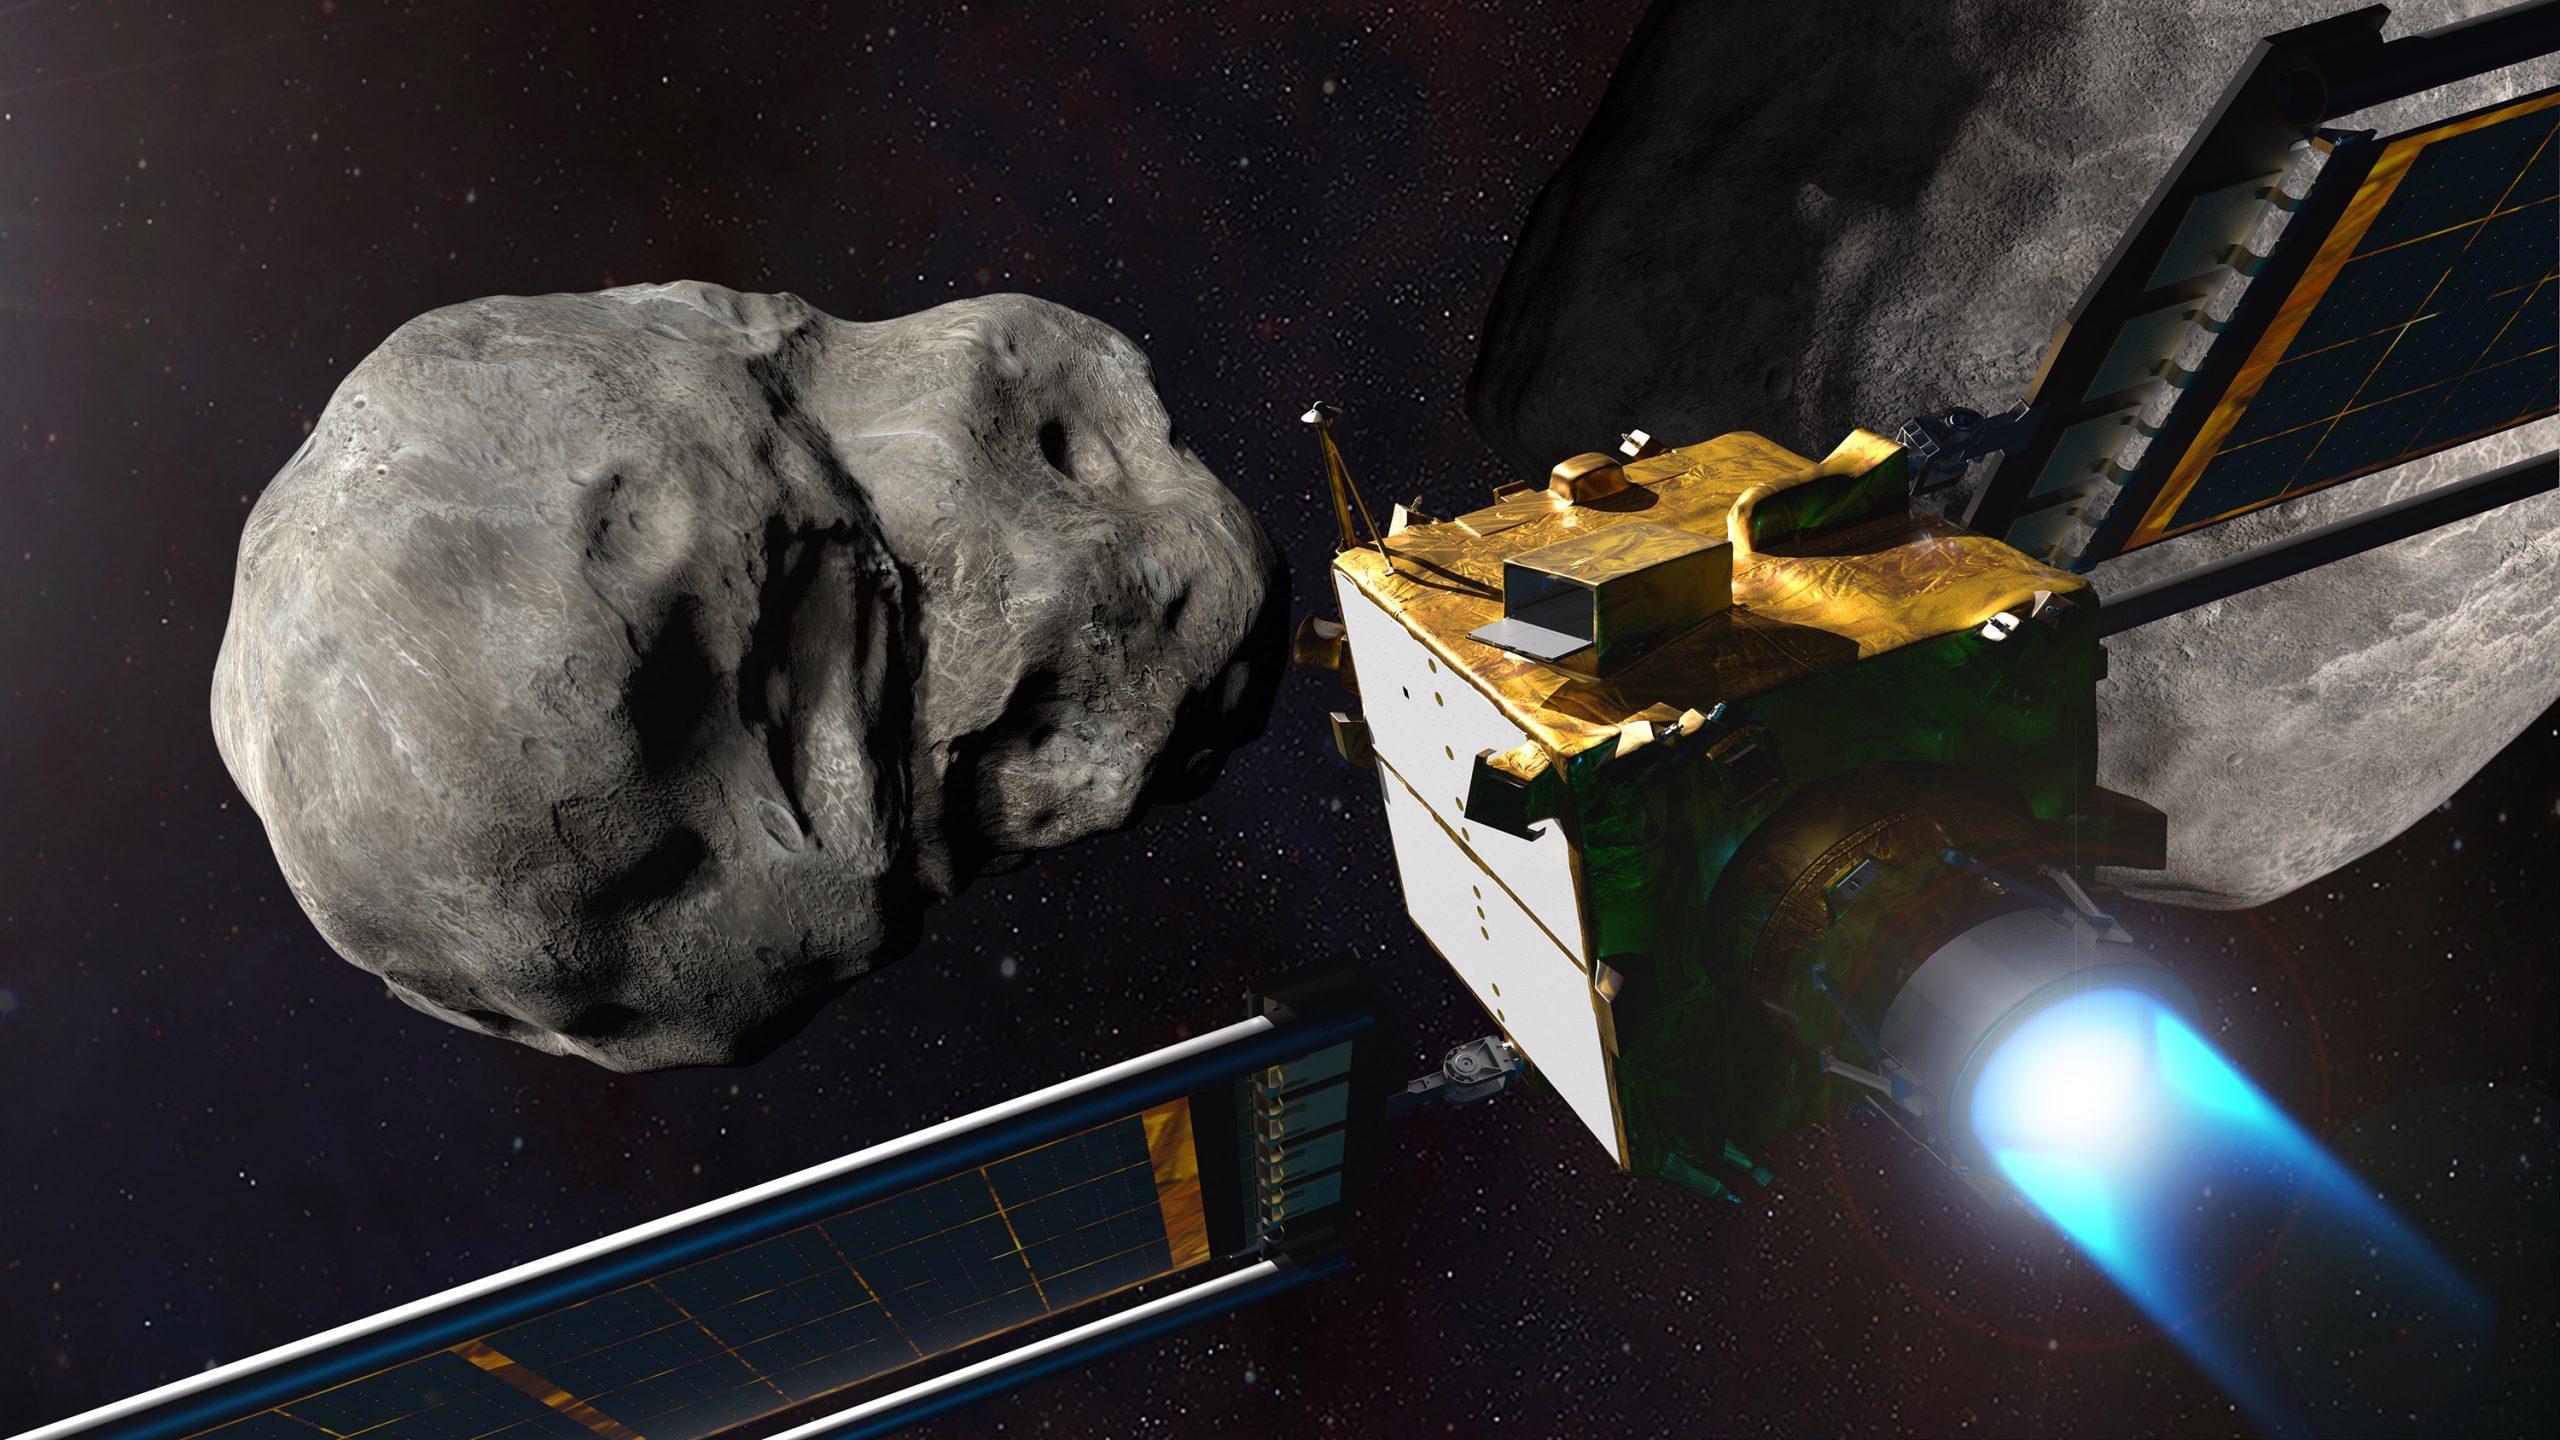 小惑星衝突を防ぐNASA実験で思わぬ影響か、新研究で指摘